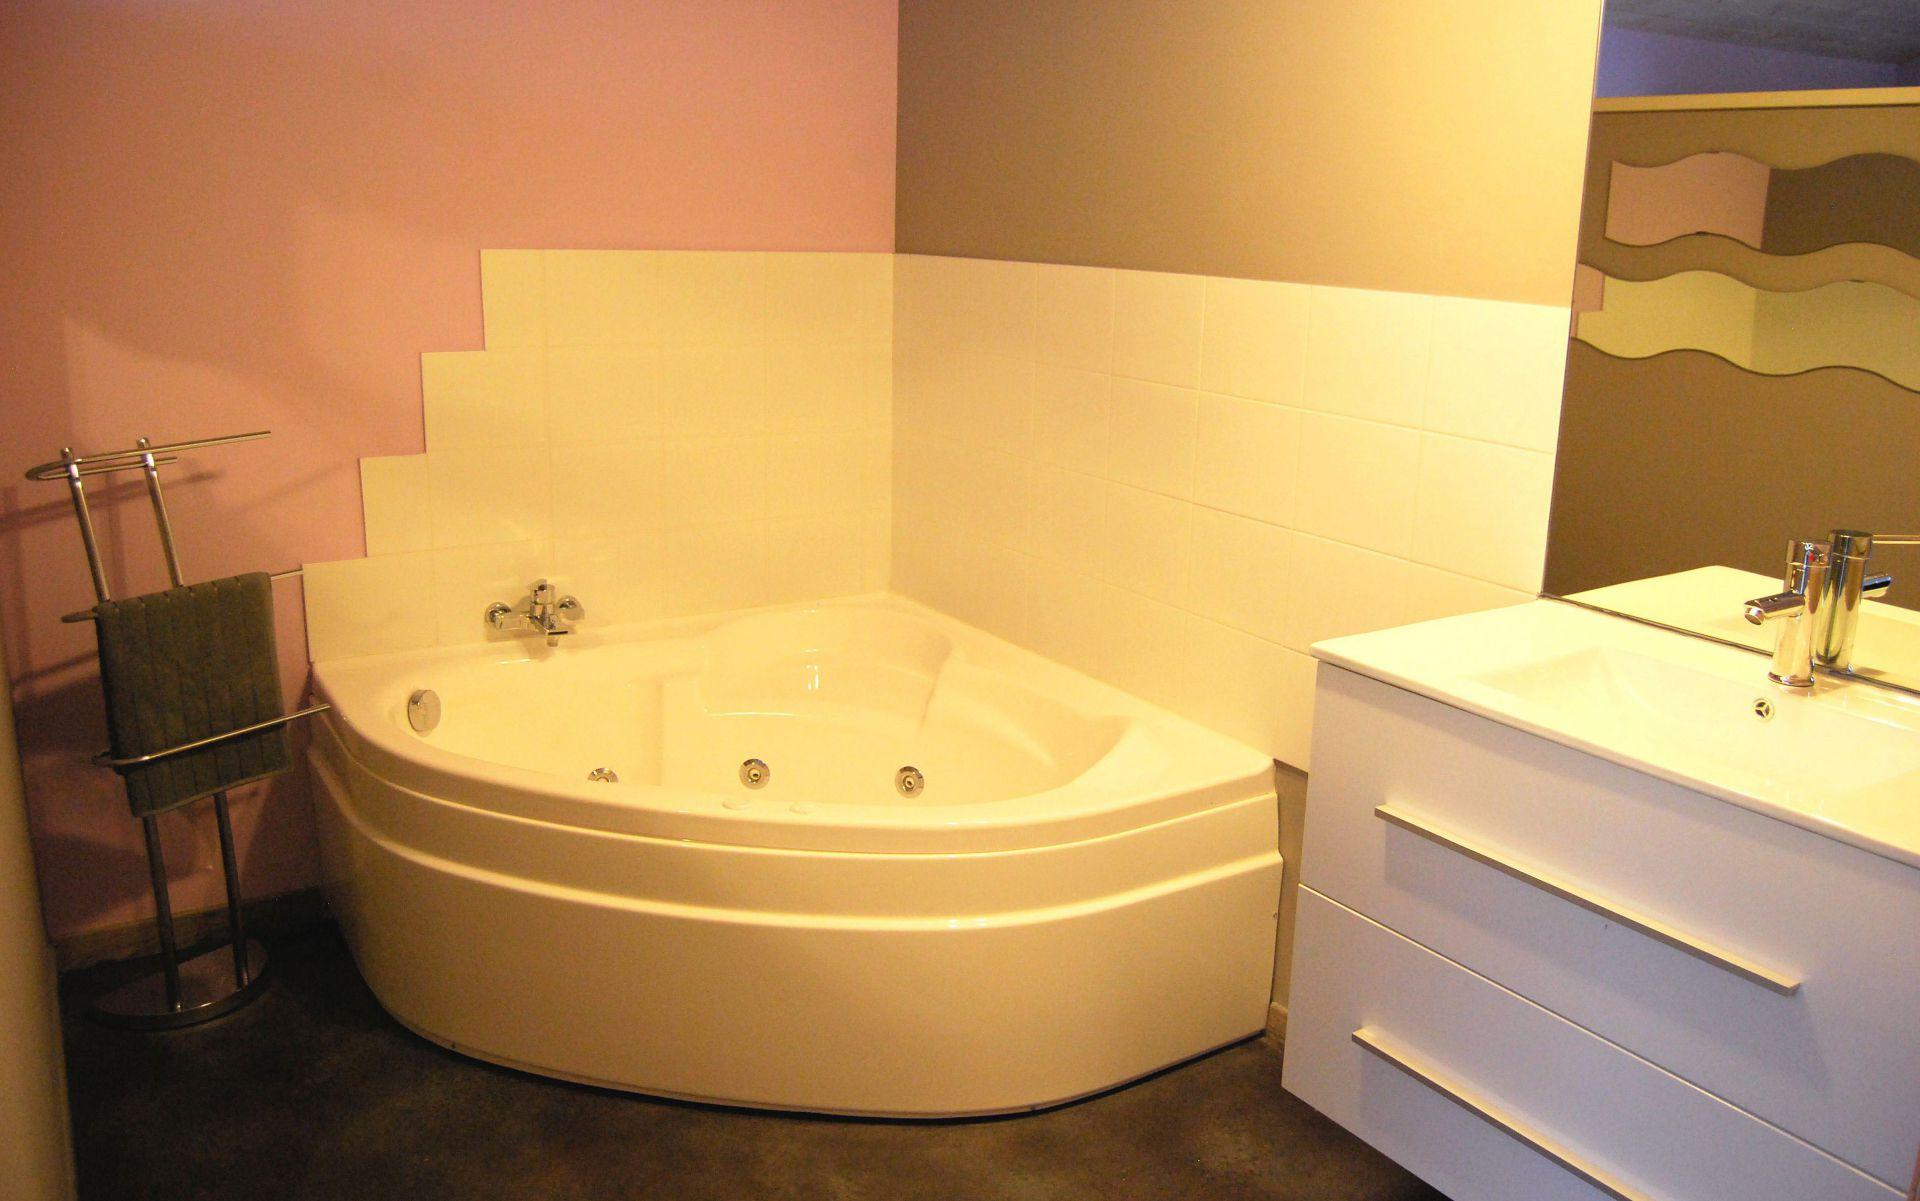 Suite Parentale & sa Balnéo - Gite Ardèche 11 personnes 4 chambres